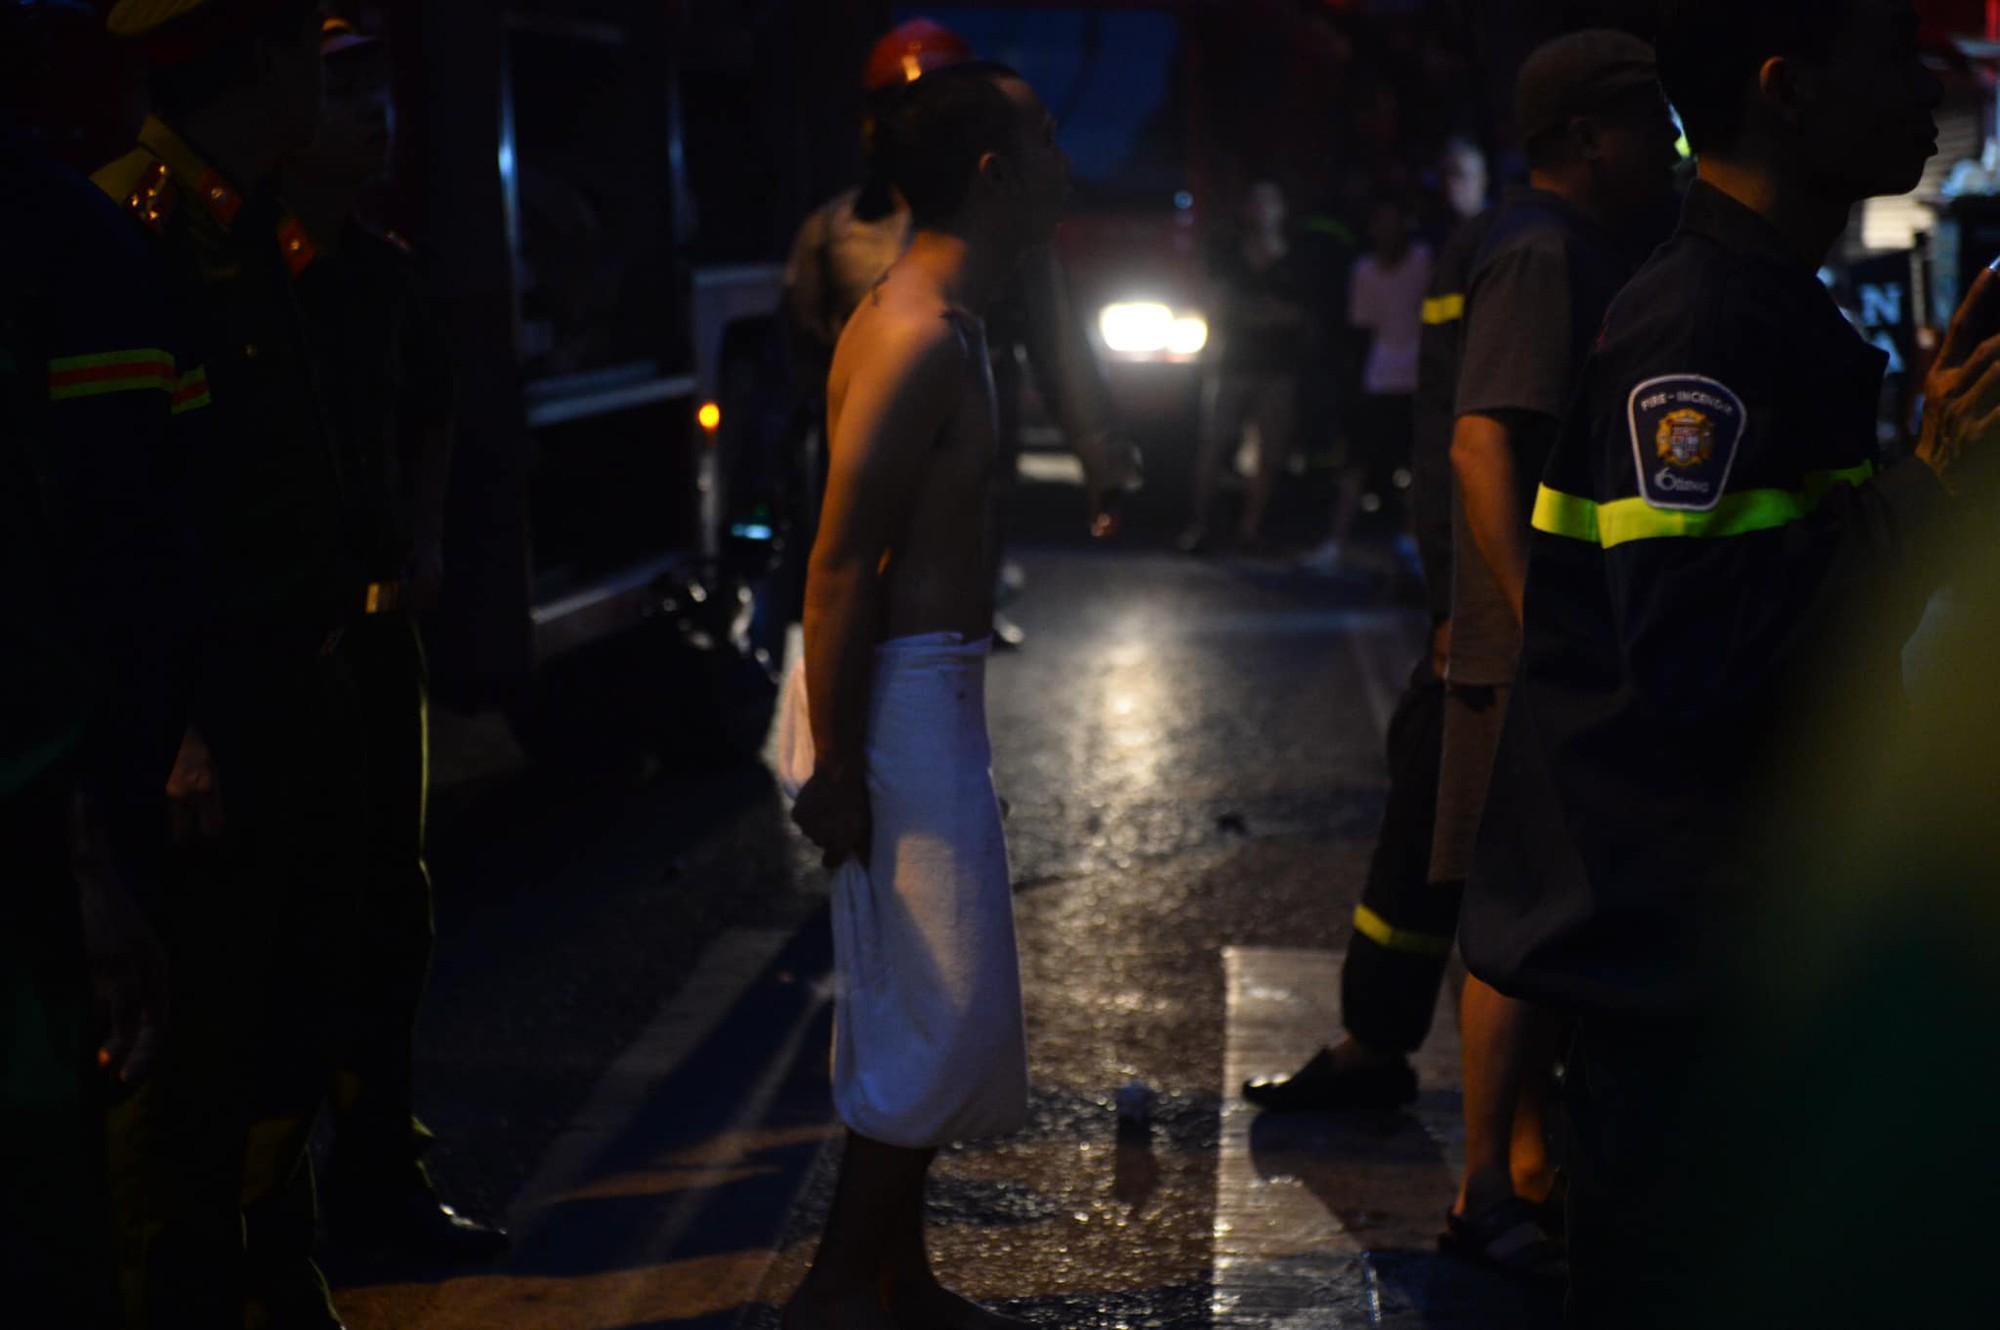 Cháy khách sạn trên phố cổ Hà Nội lúc sáng sớm, nhiều người chỉ kịp choàng khăn tắm hốt hoảng tháo chạy - Ảnh 5.